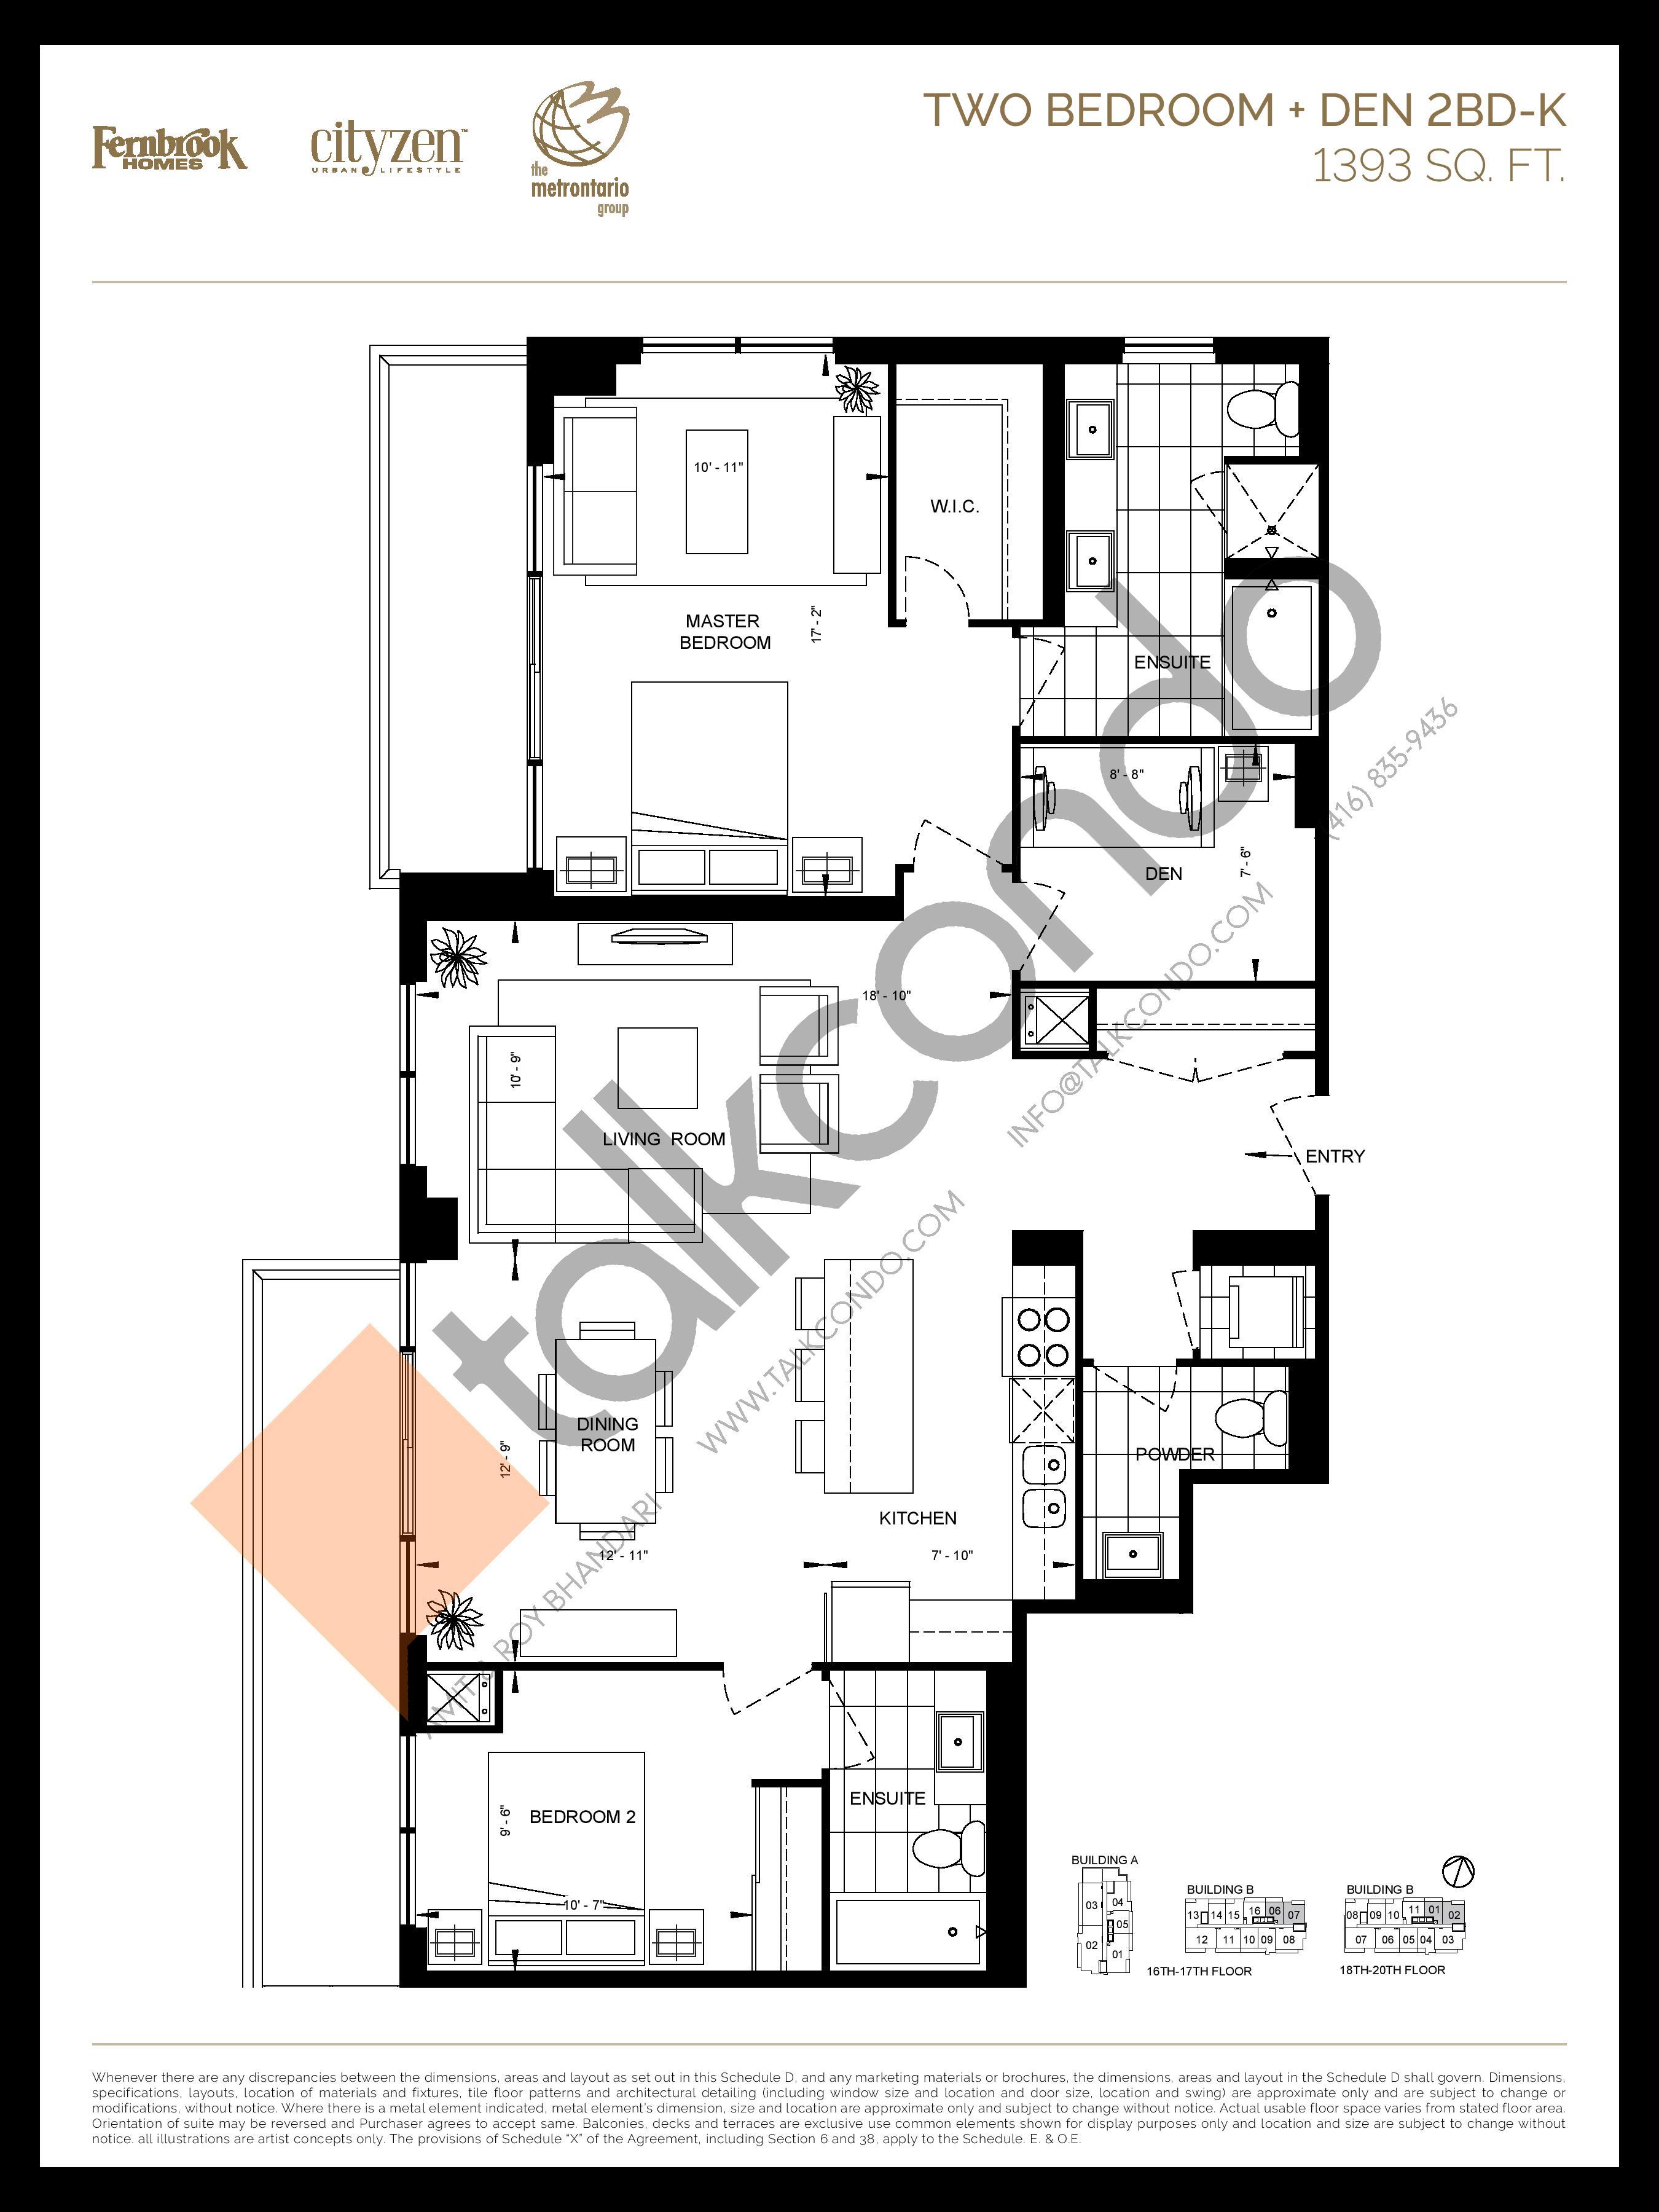 2BD-K Floor Plan at D'or Condos - 1393 sq.ft